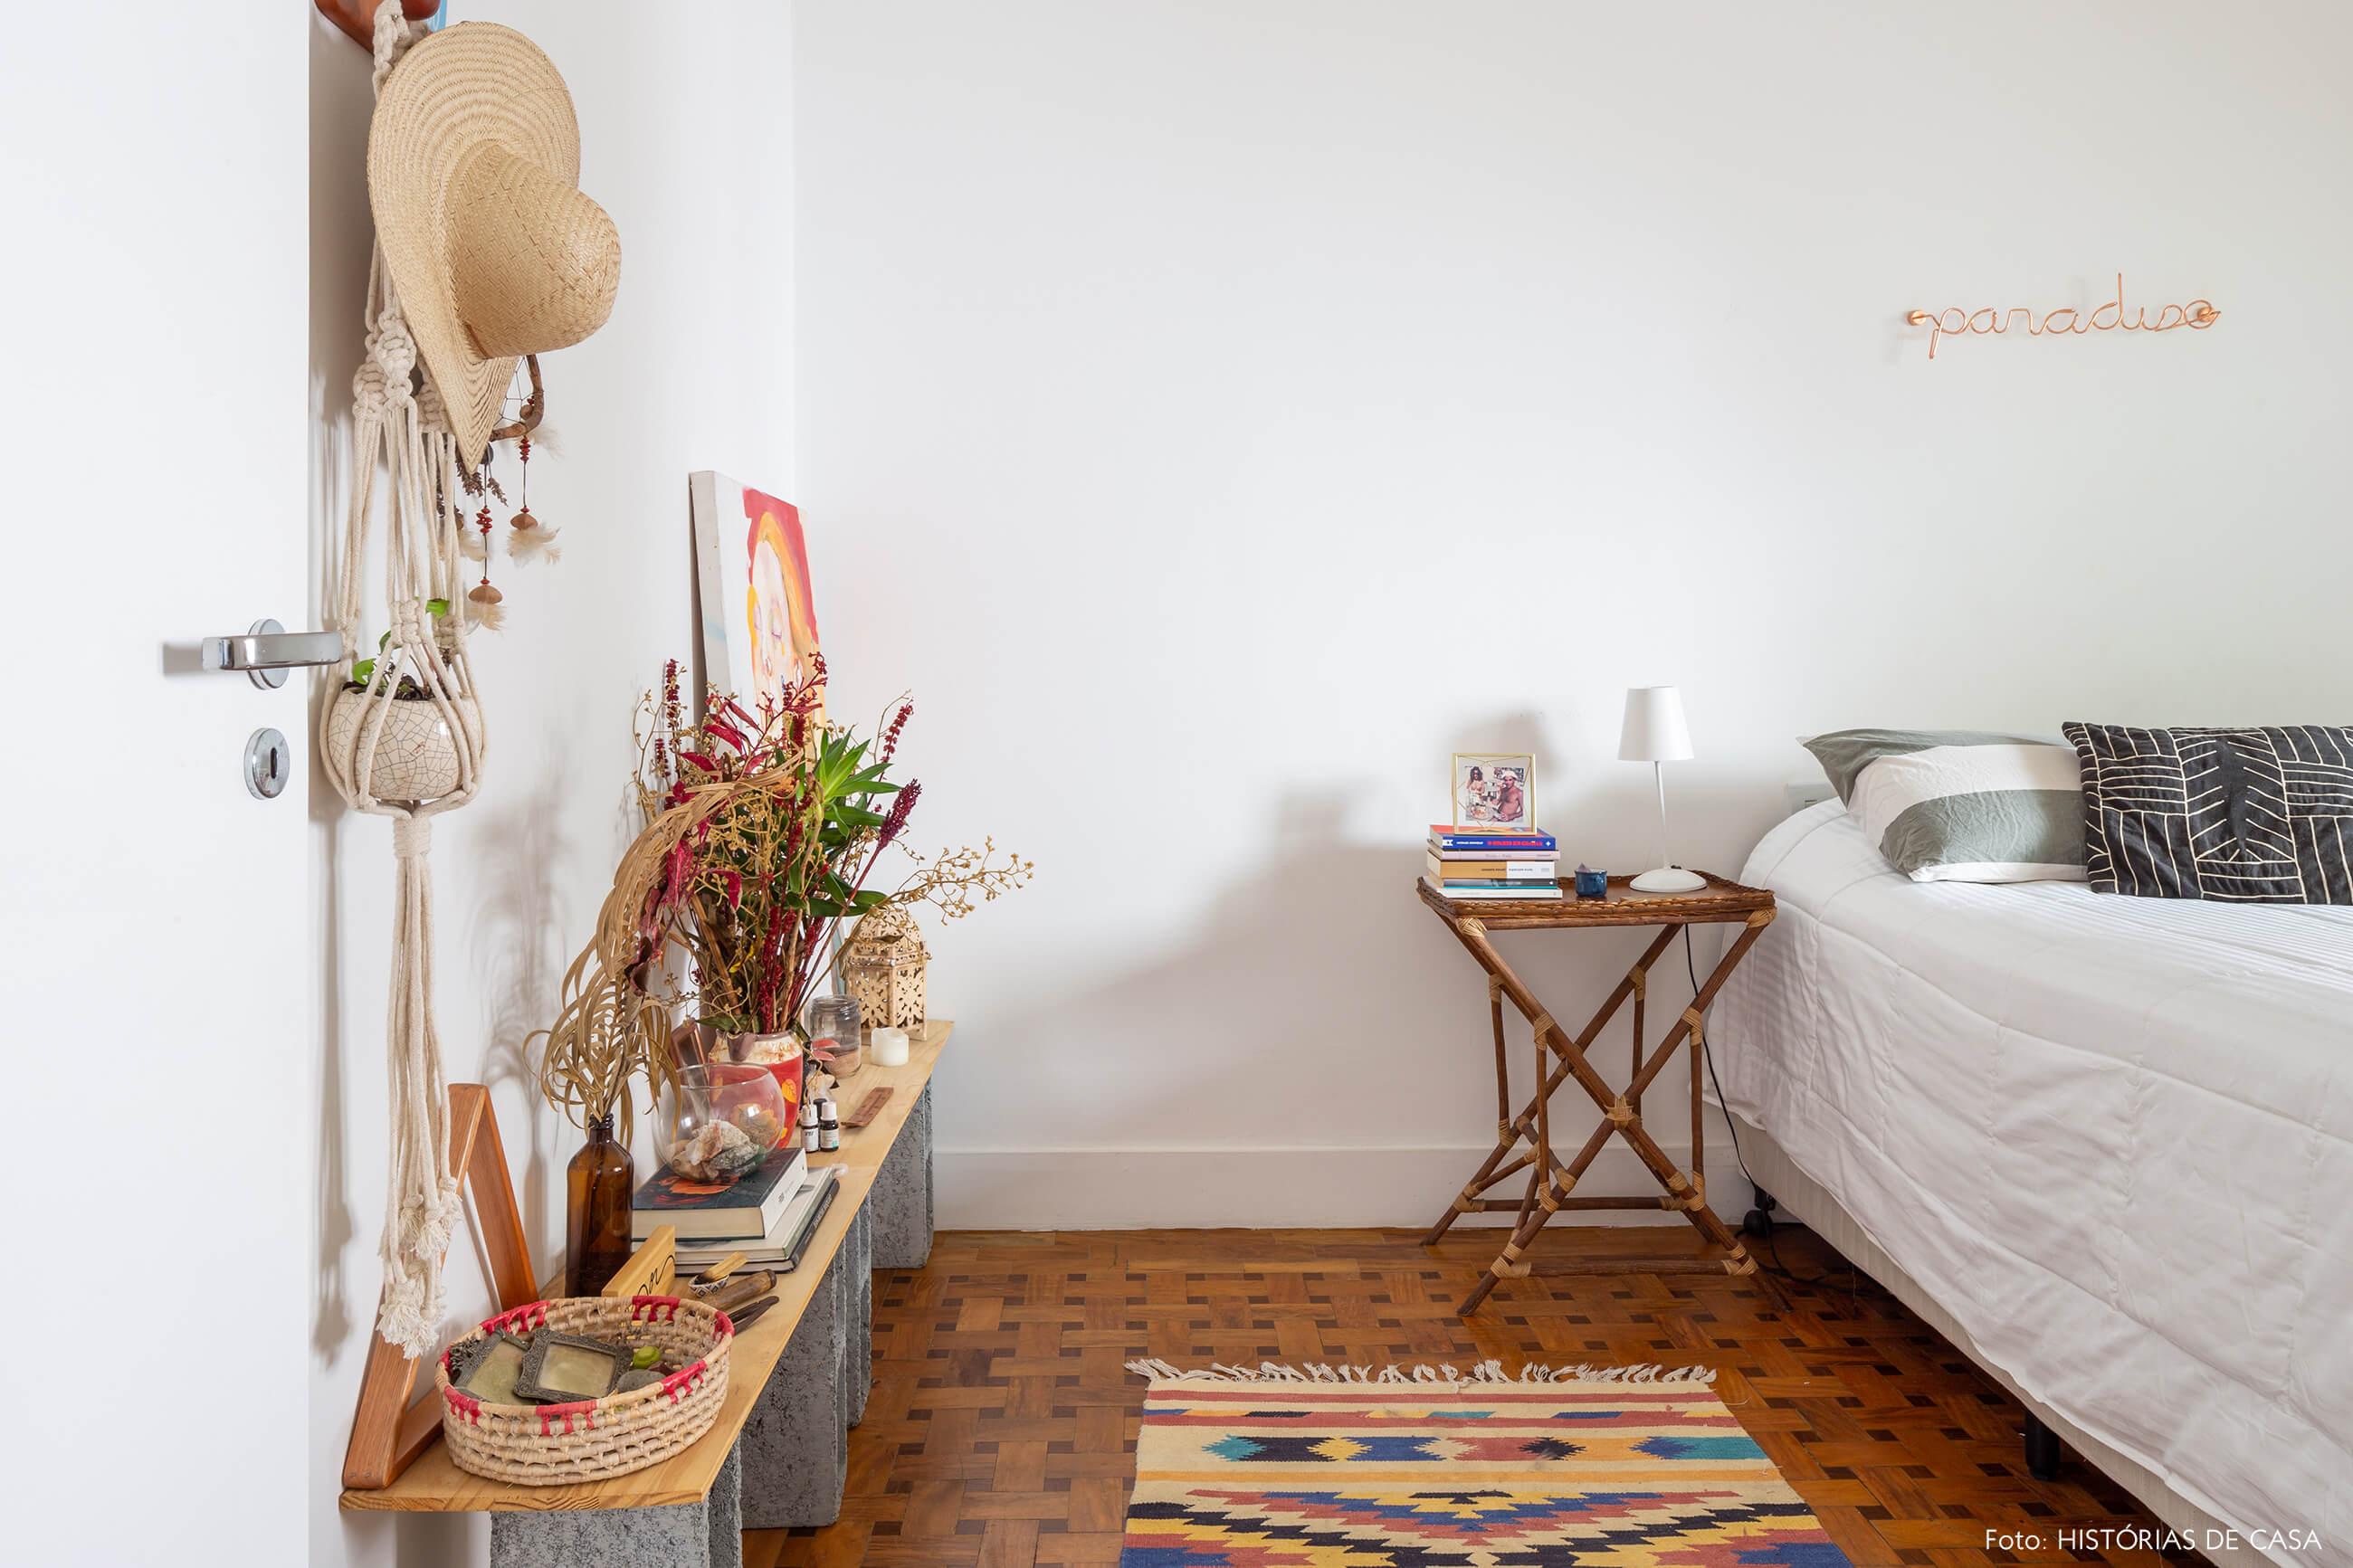 quarto-com-mesa-de-tabua-de-madeira-apoiado-emblocos-de-cimento